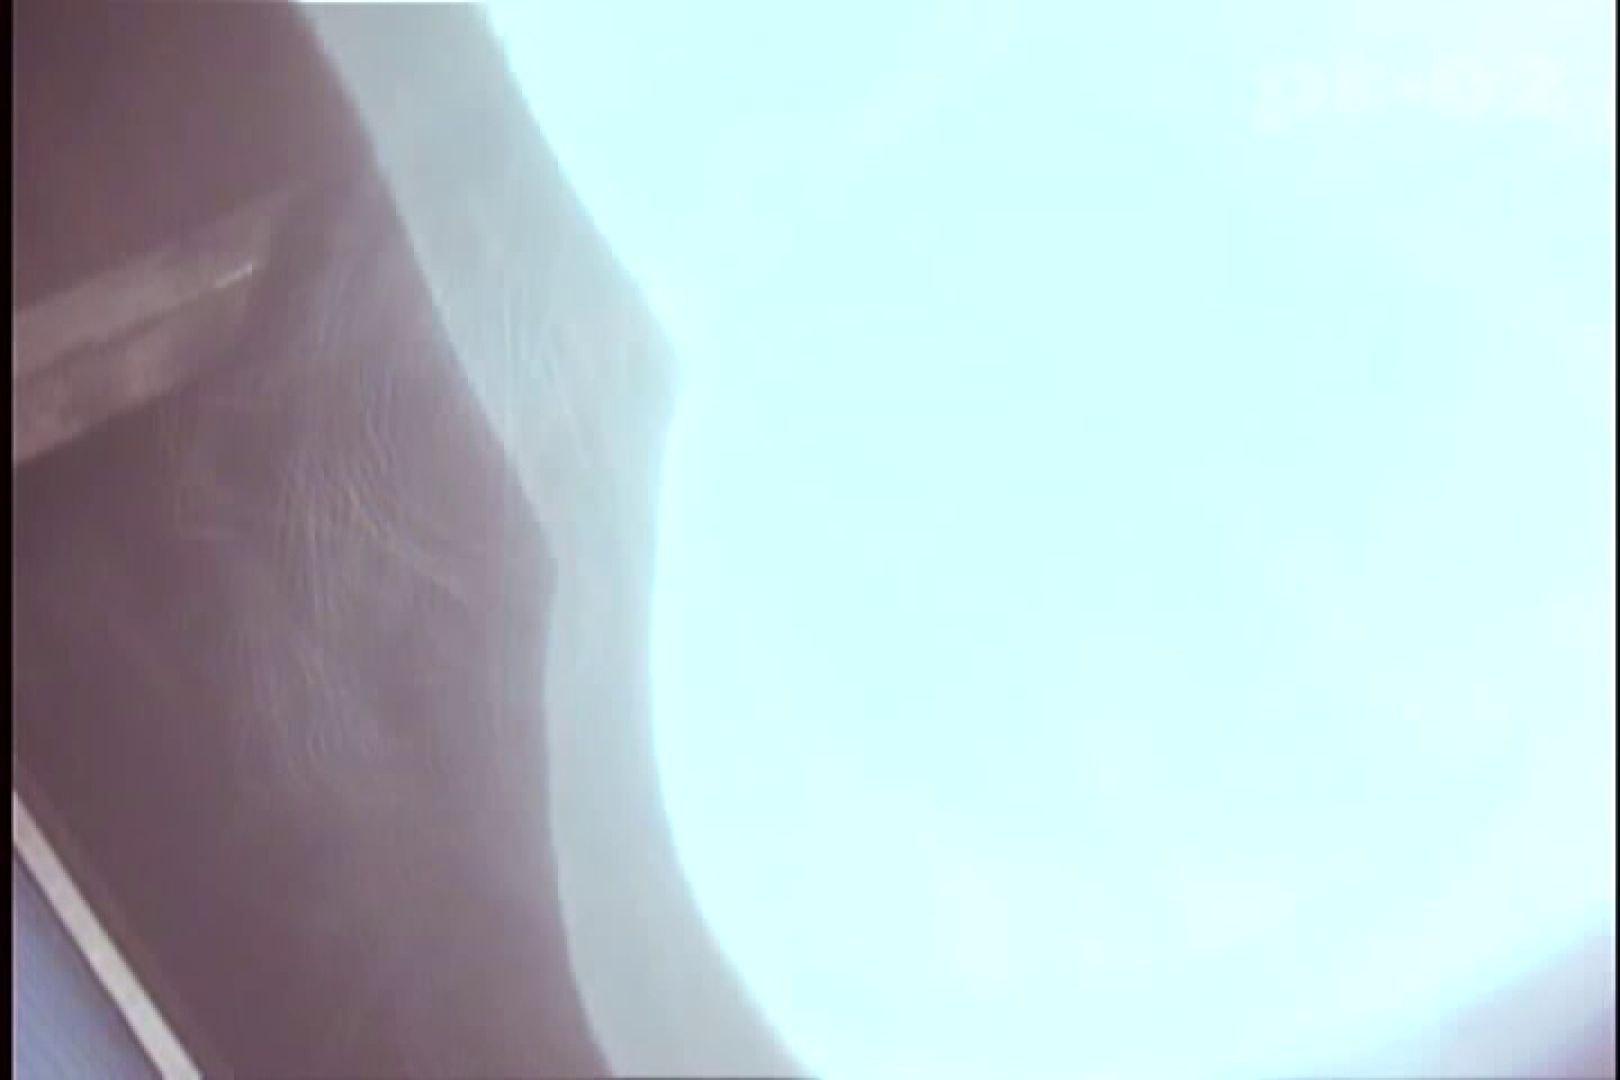 PoPoさんのシャワールームは危険な香り Vol.08 OLの実態 | シャワー  78pic 11